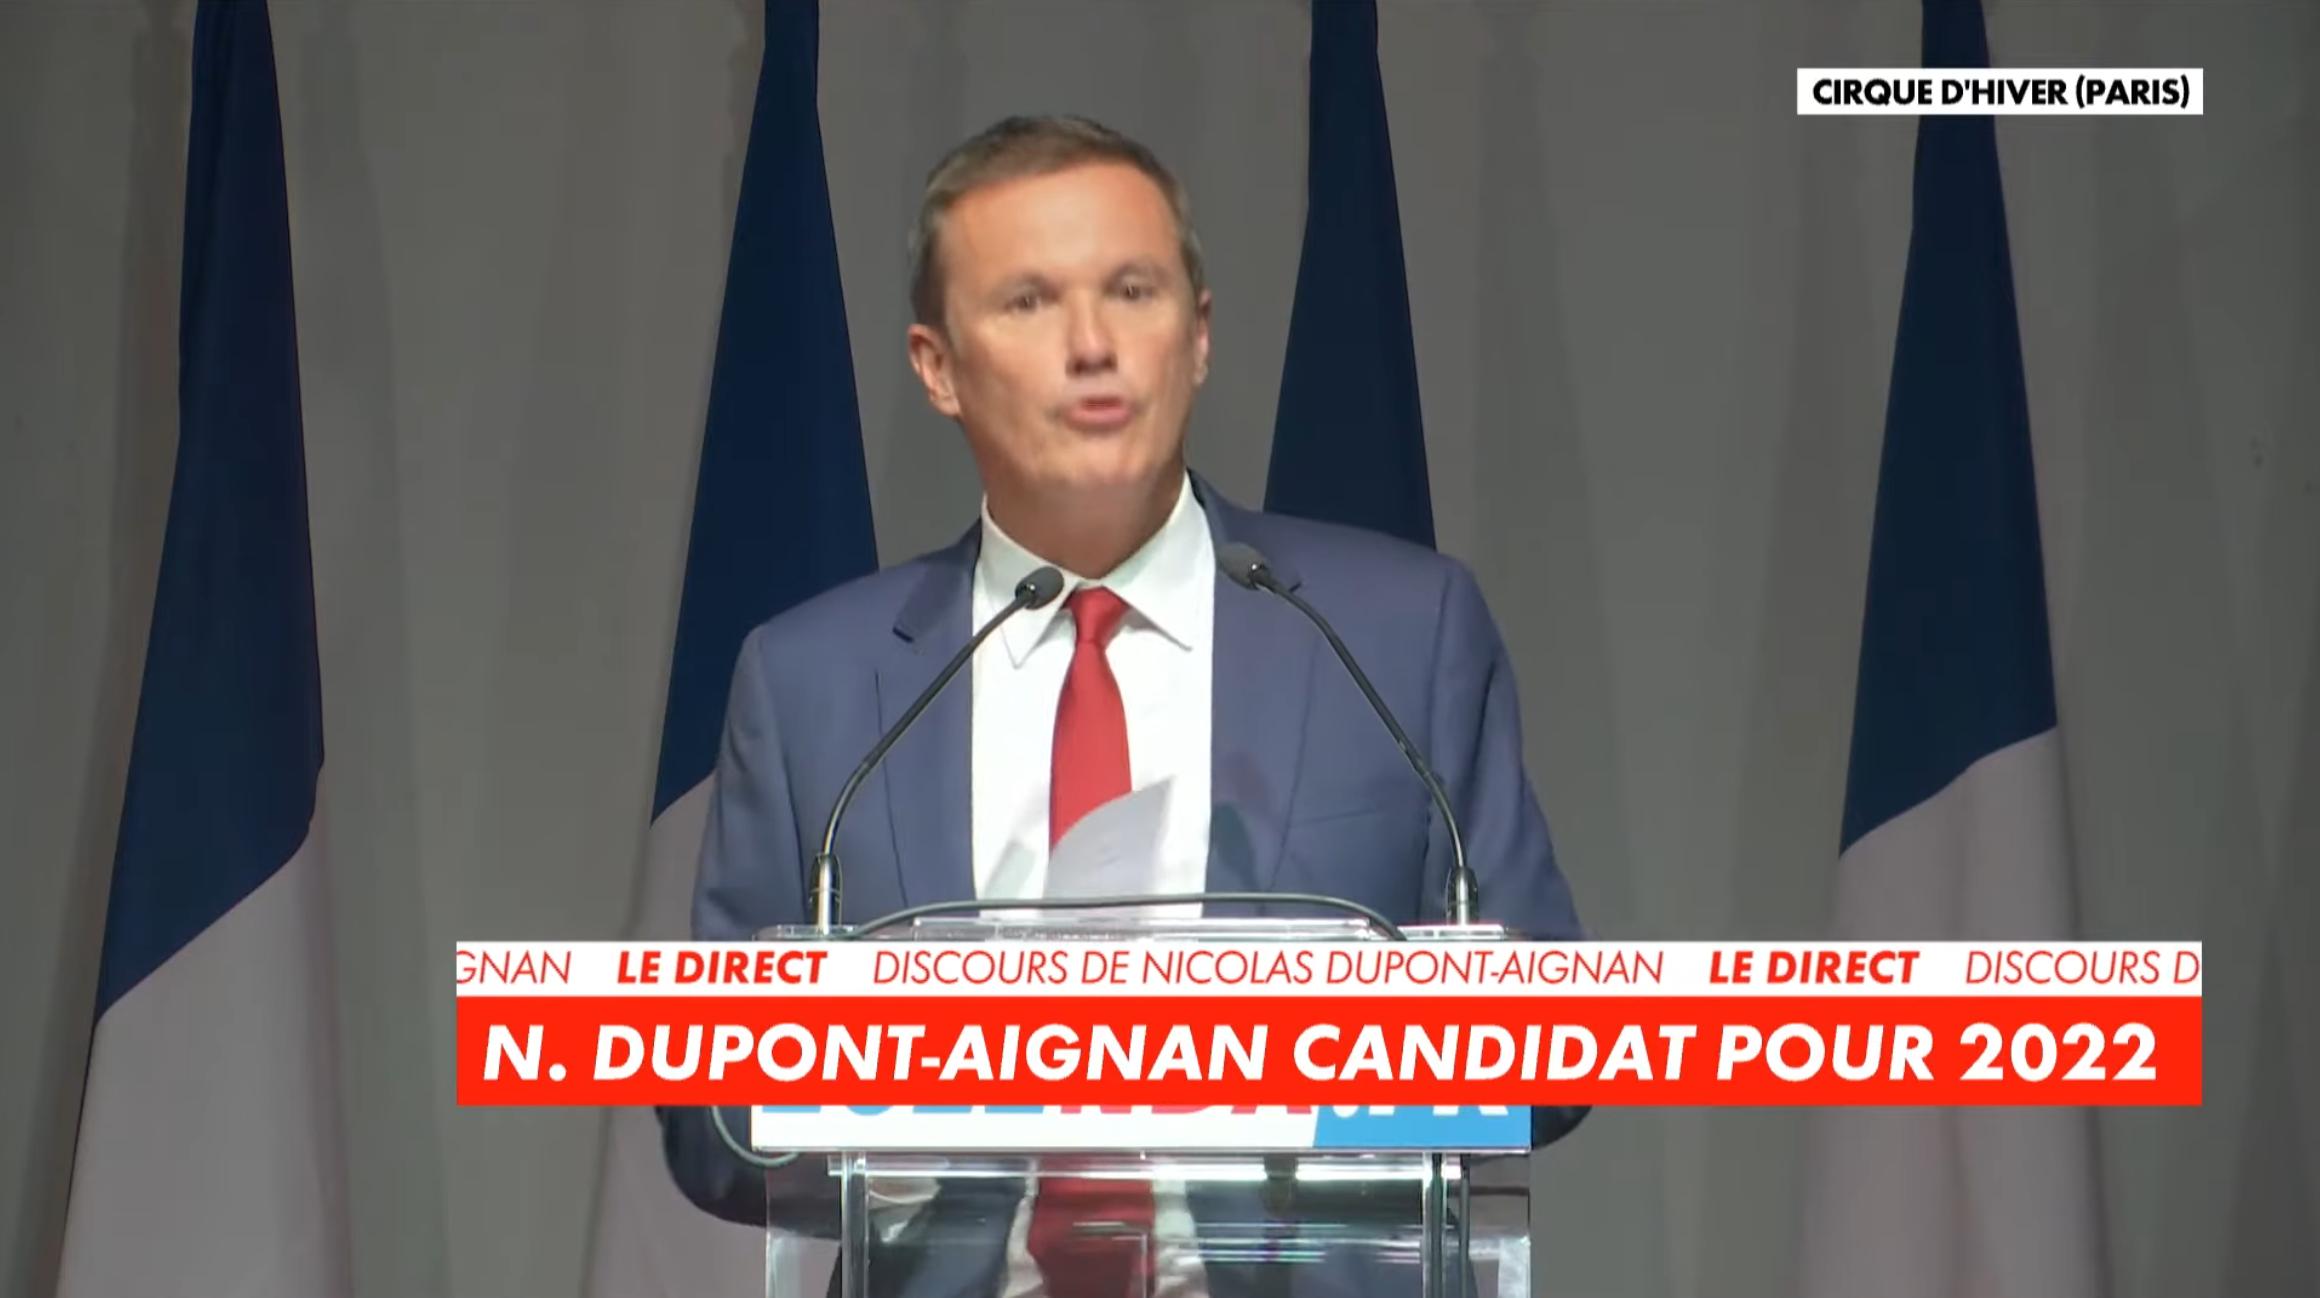 Nicolas Dupont-Aignan annonce sa candidature à l'élection présidentielle de 2022 (VIDÉO)